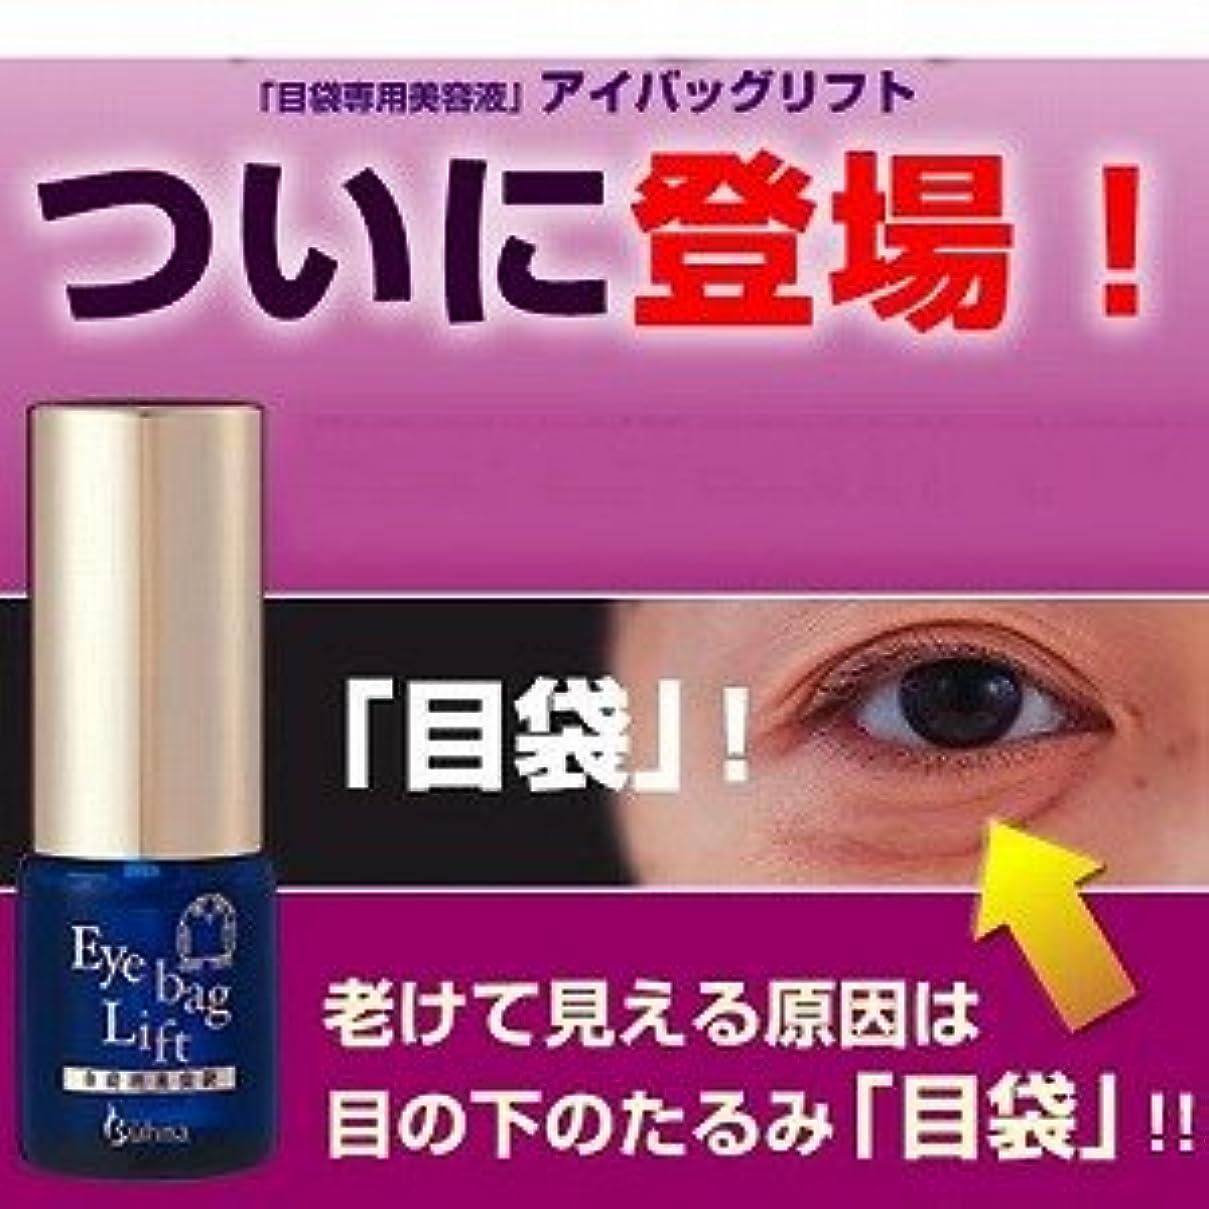 熱心なサーバント荒れ地老けて見える原因は、目元、目の下のたるみ「目袋」『目袋専用美容液 アイバッグリフト』